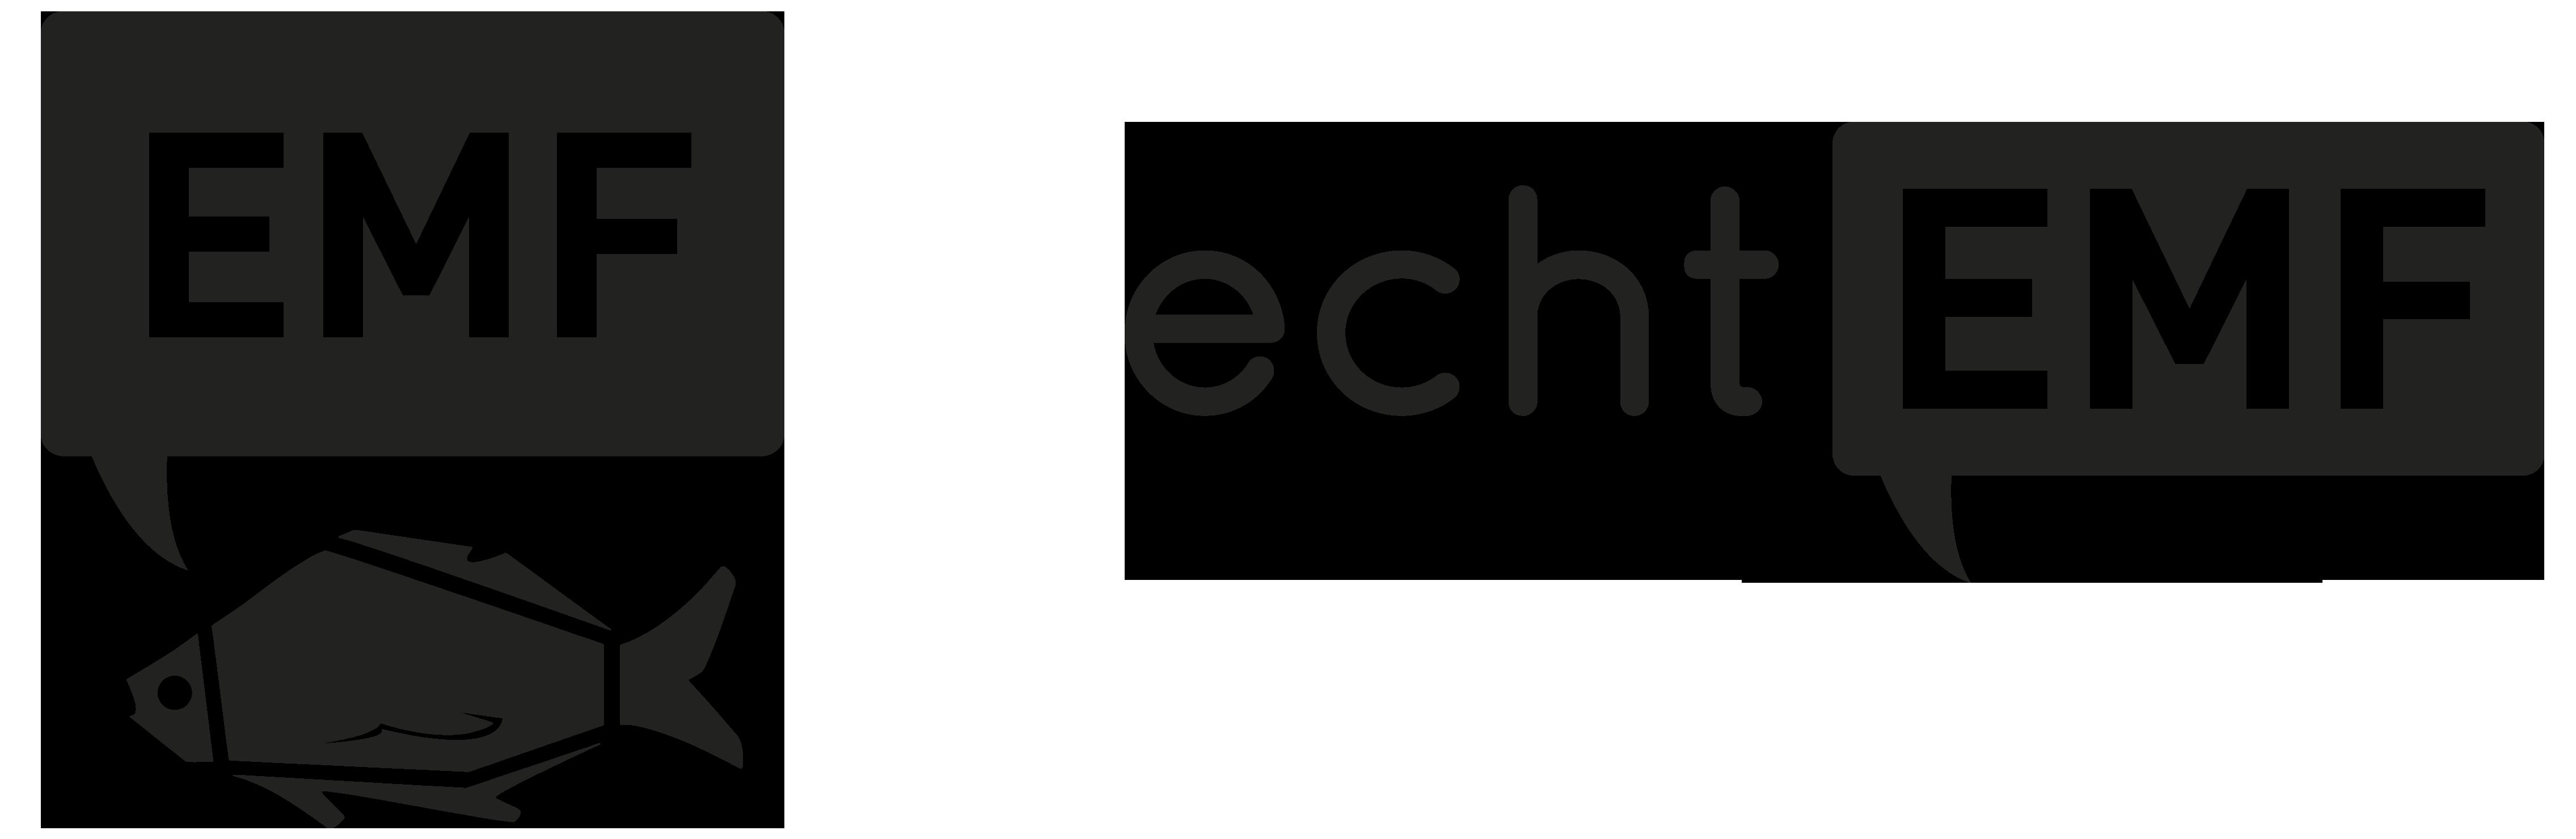 EMF Verlag - Edition Michael Fischer